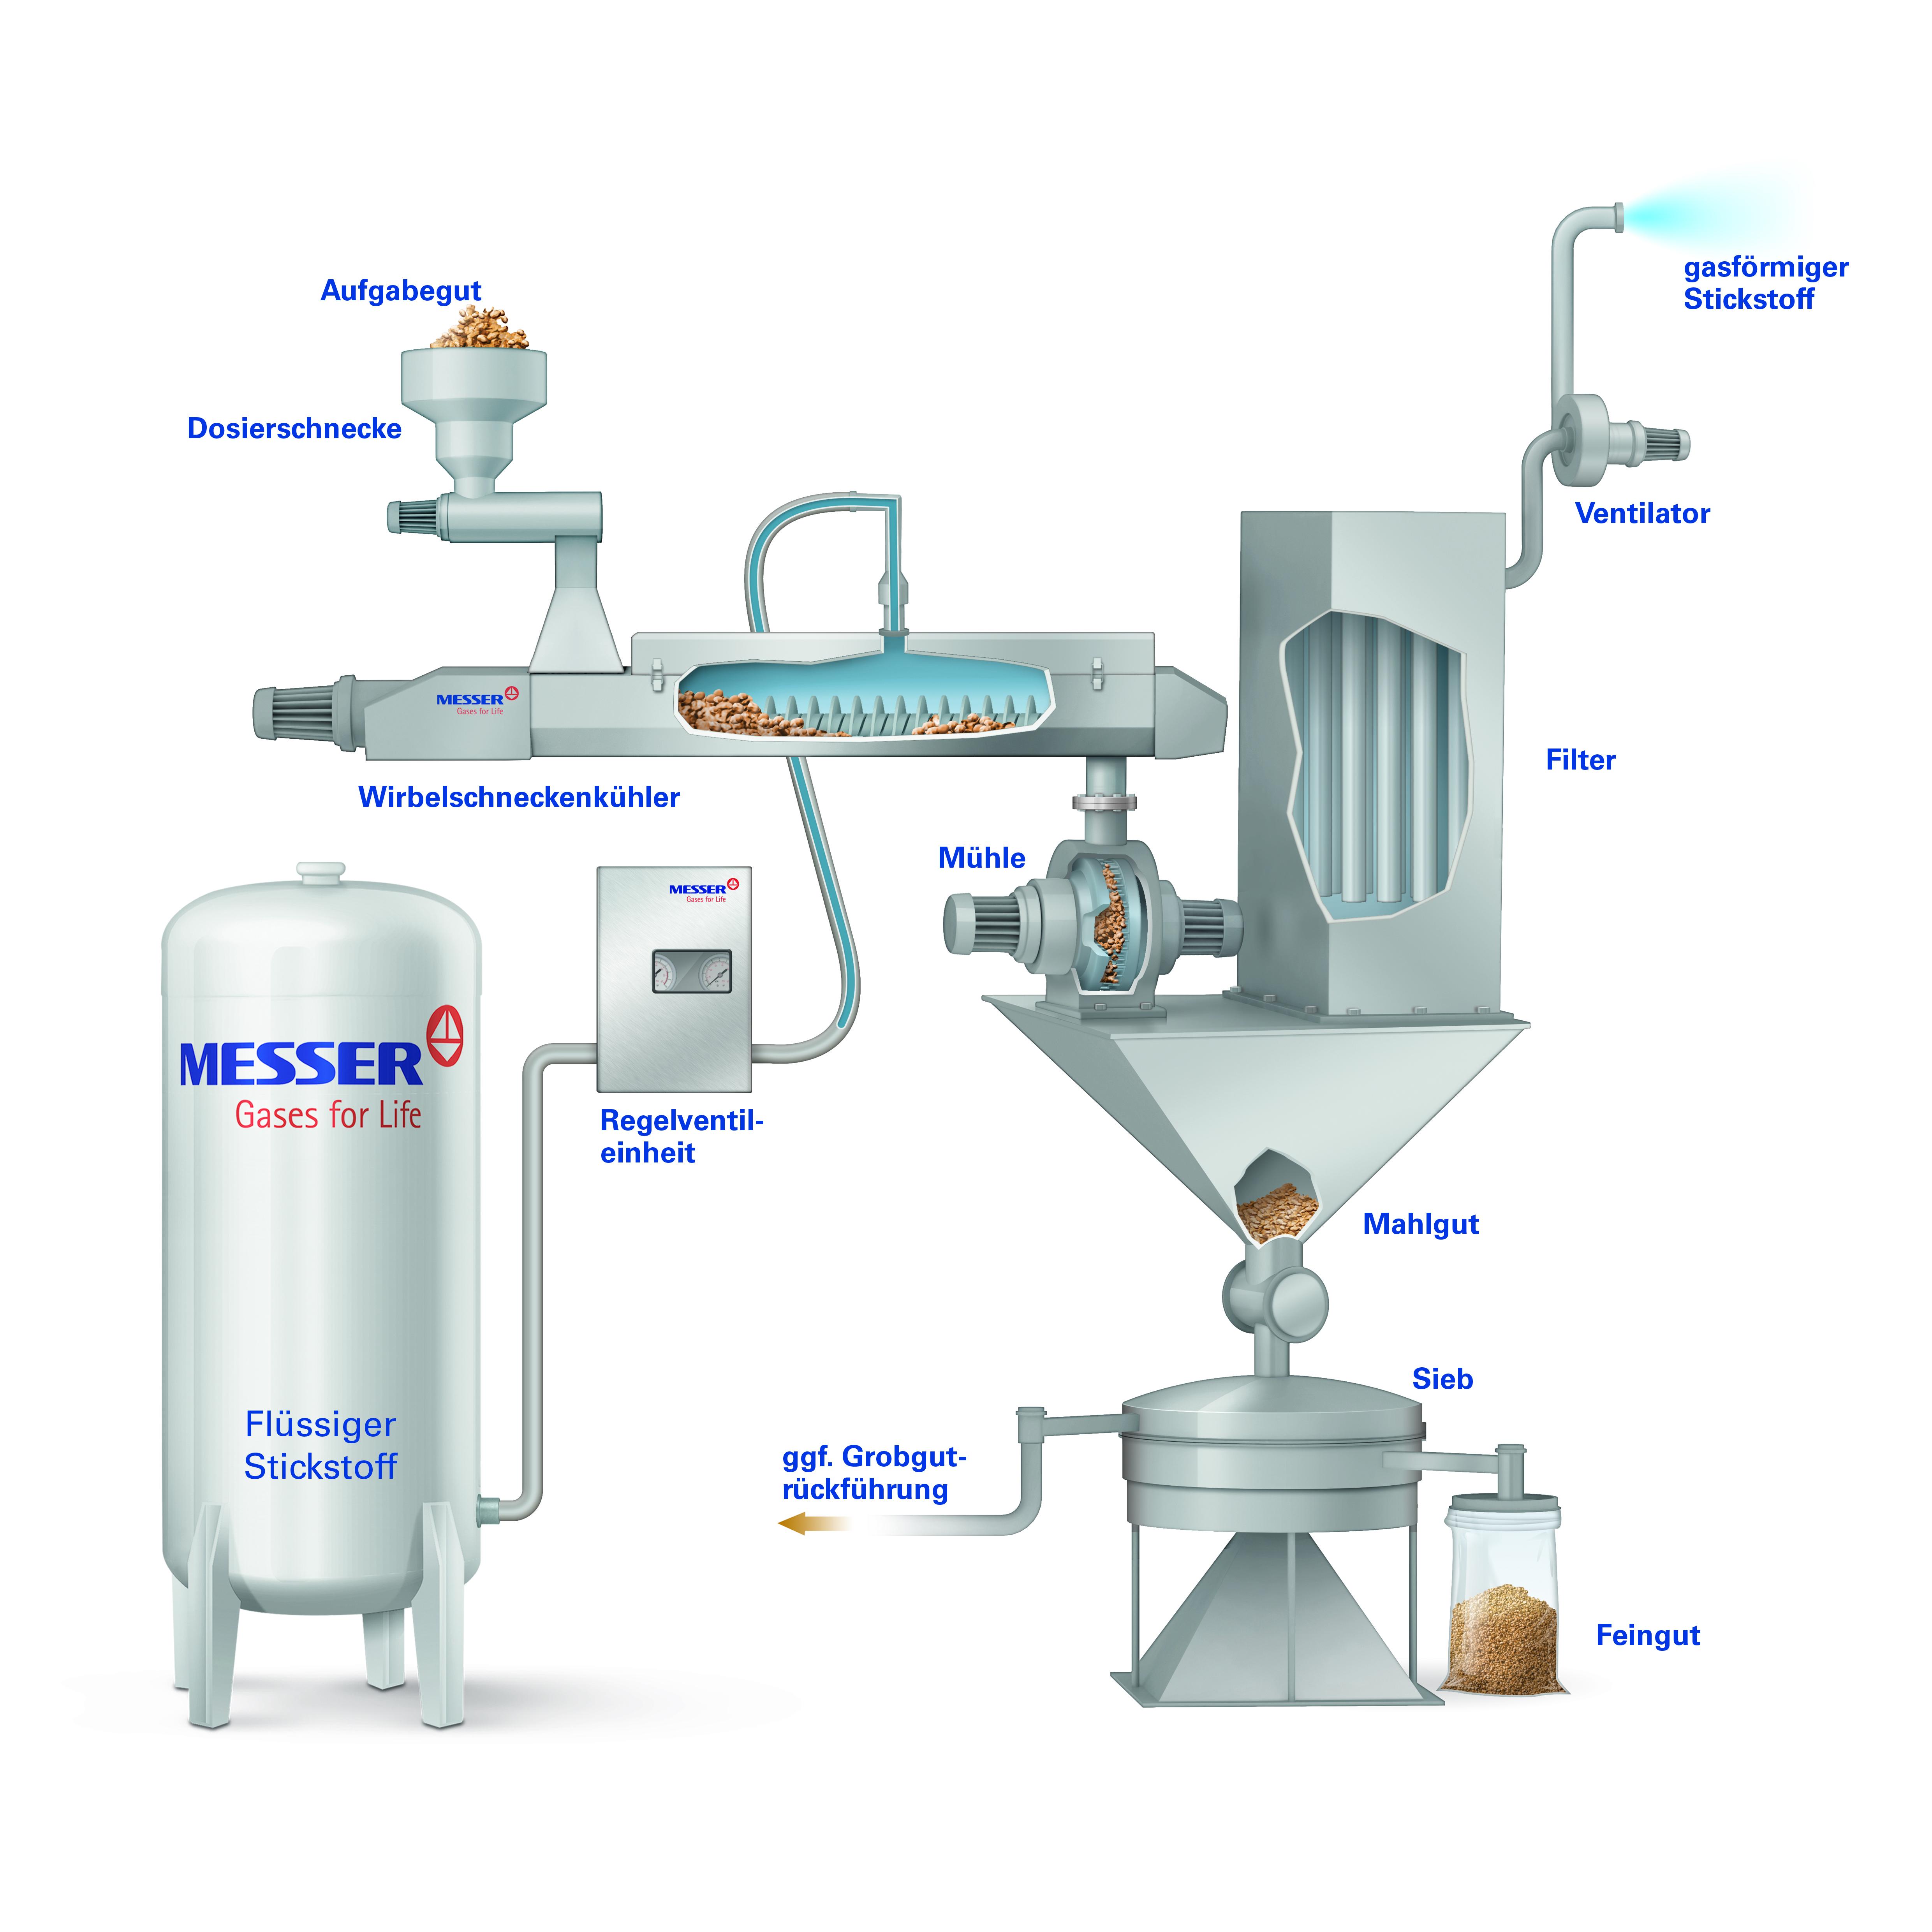 Kryogentechnik zur Produktkuehlung